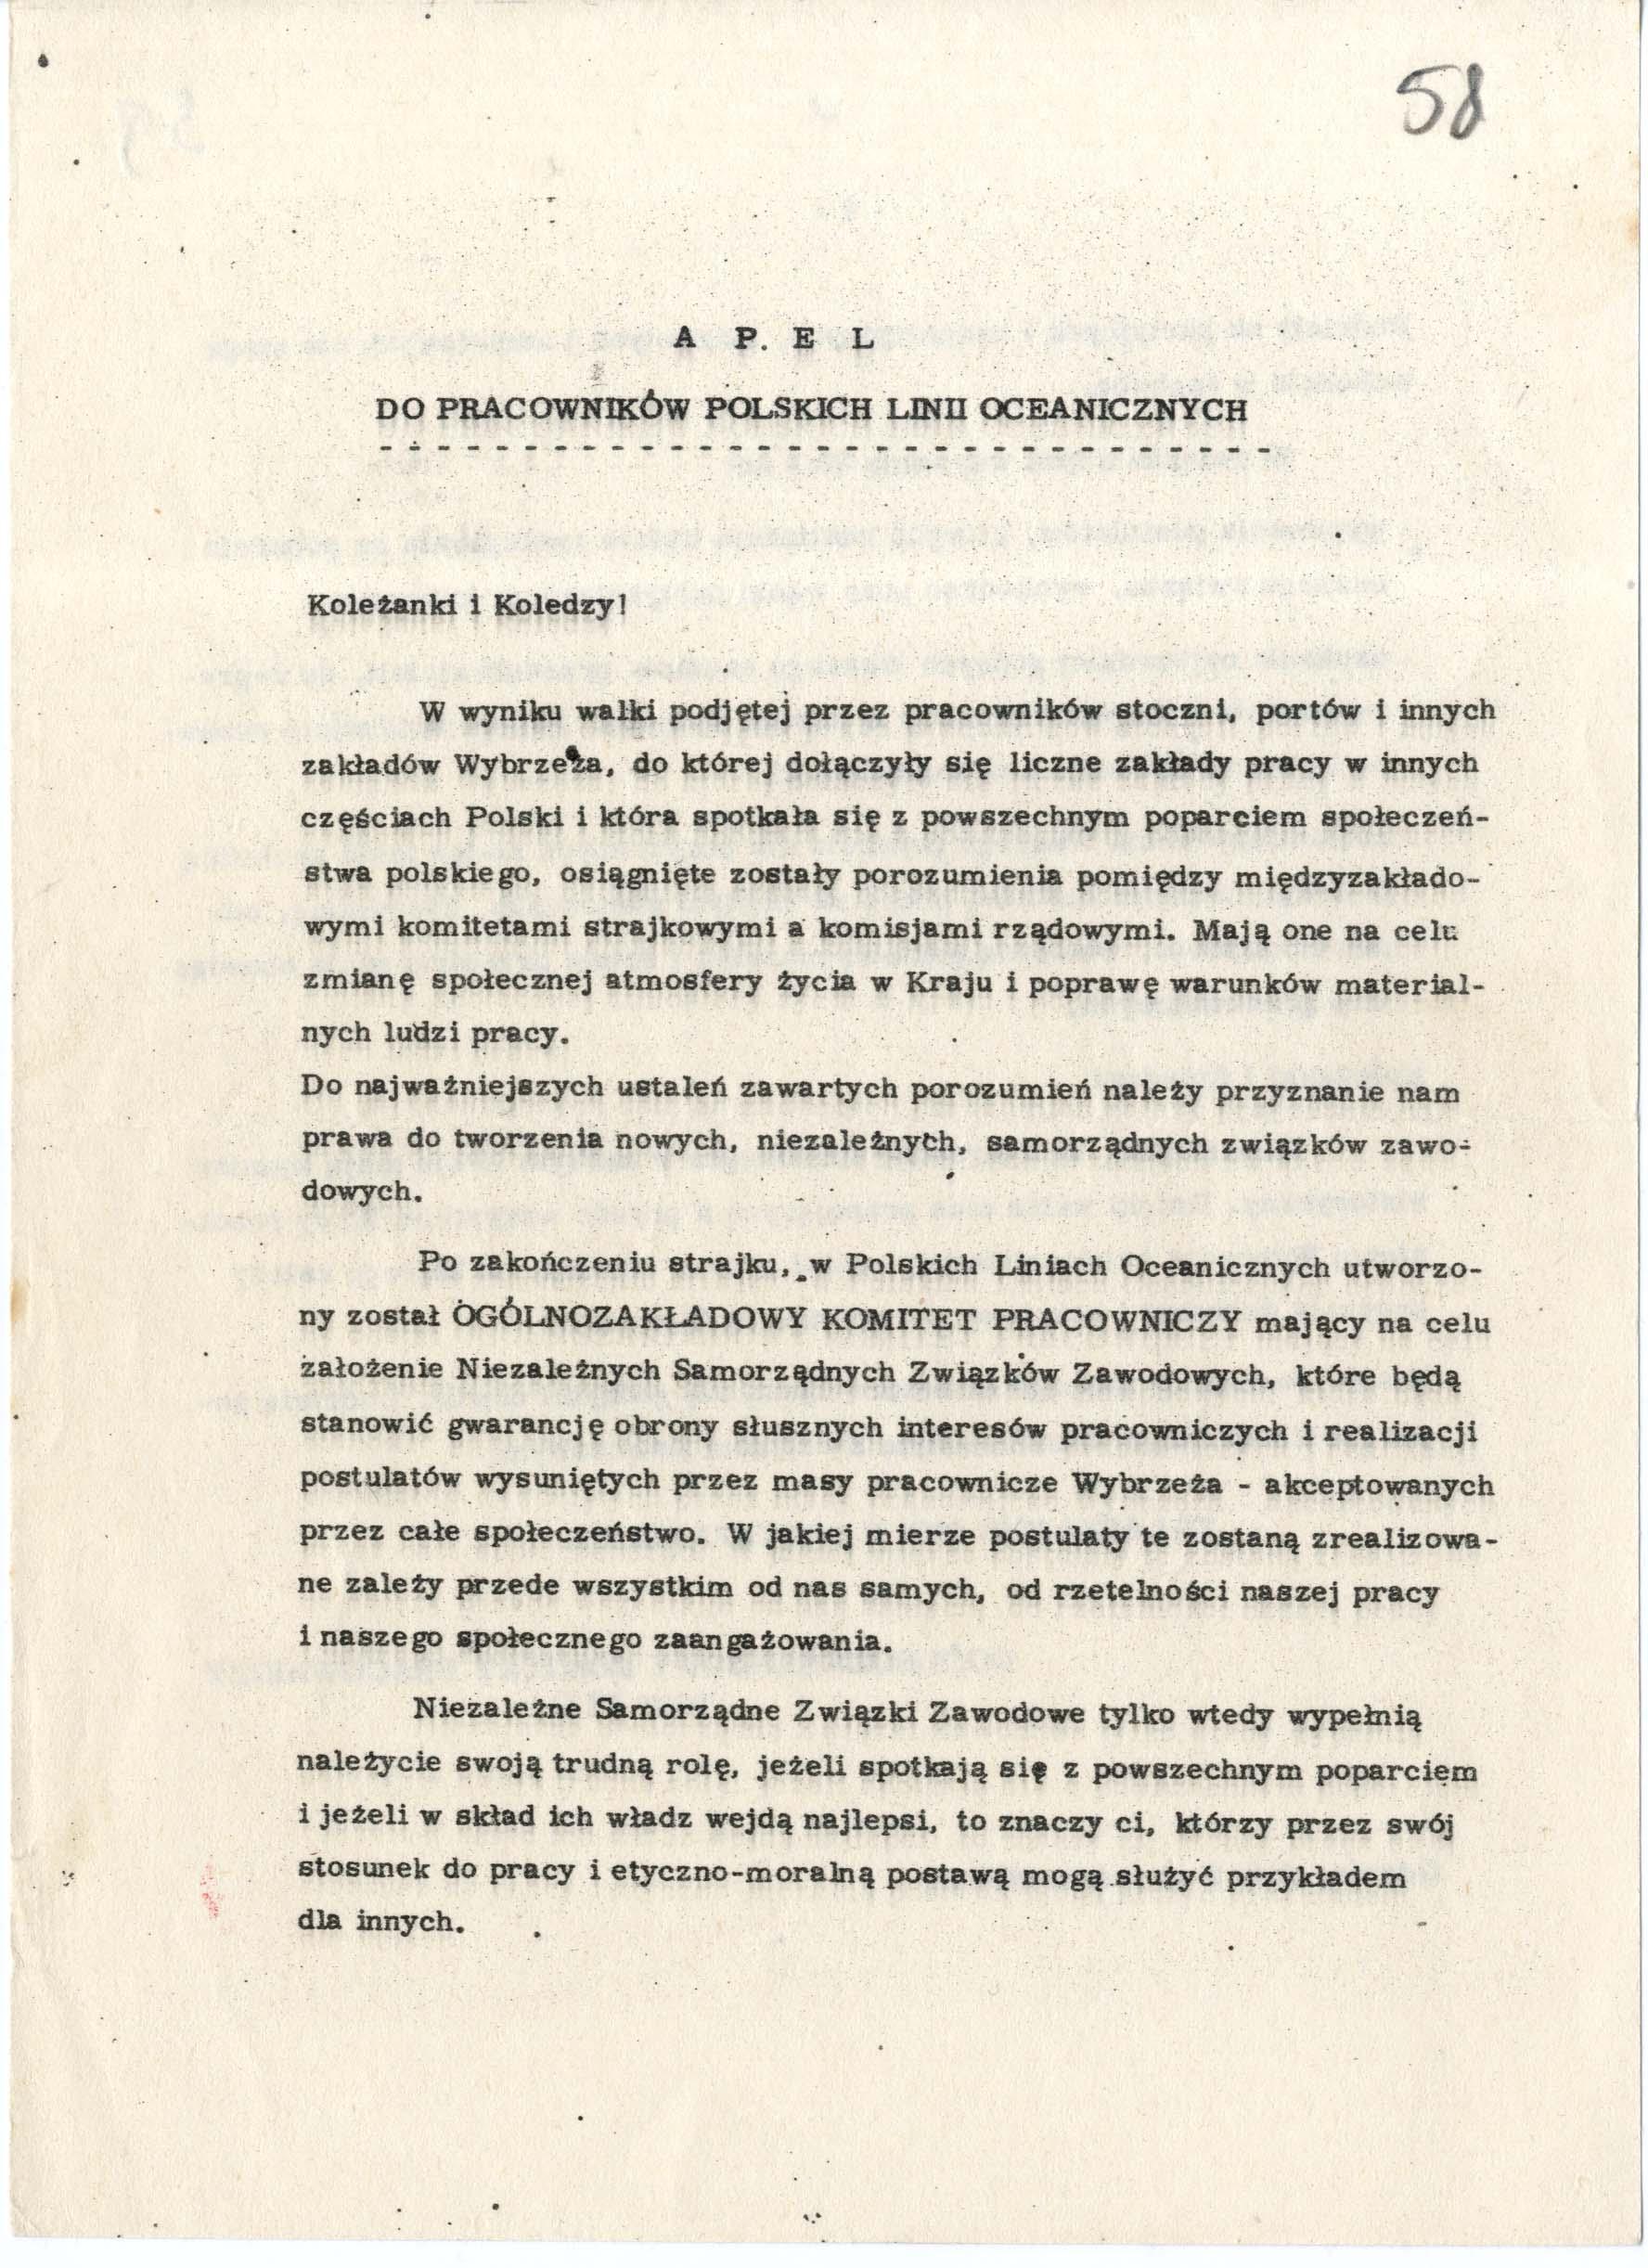 Komisja Zakładowa przy PLO w Gdyni przykład dokumentu